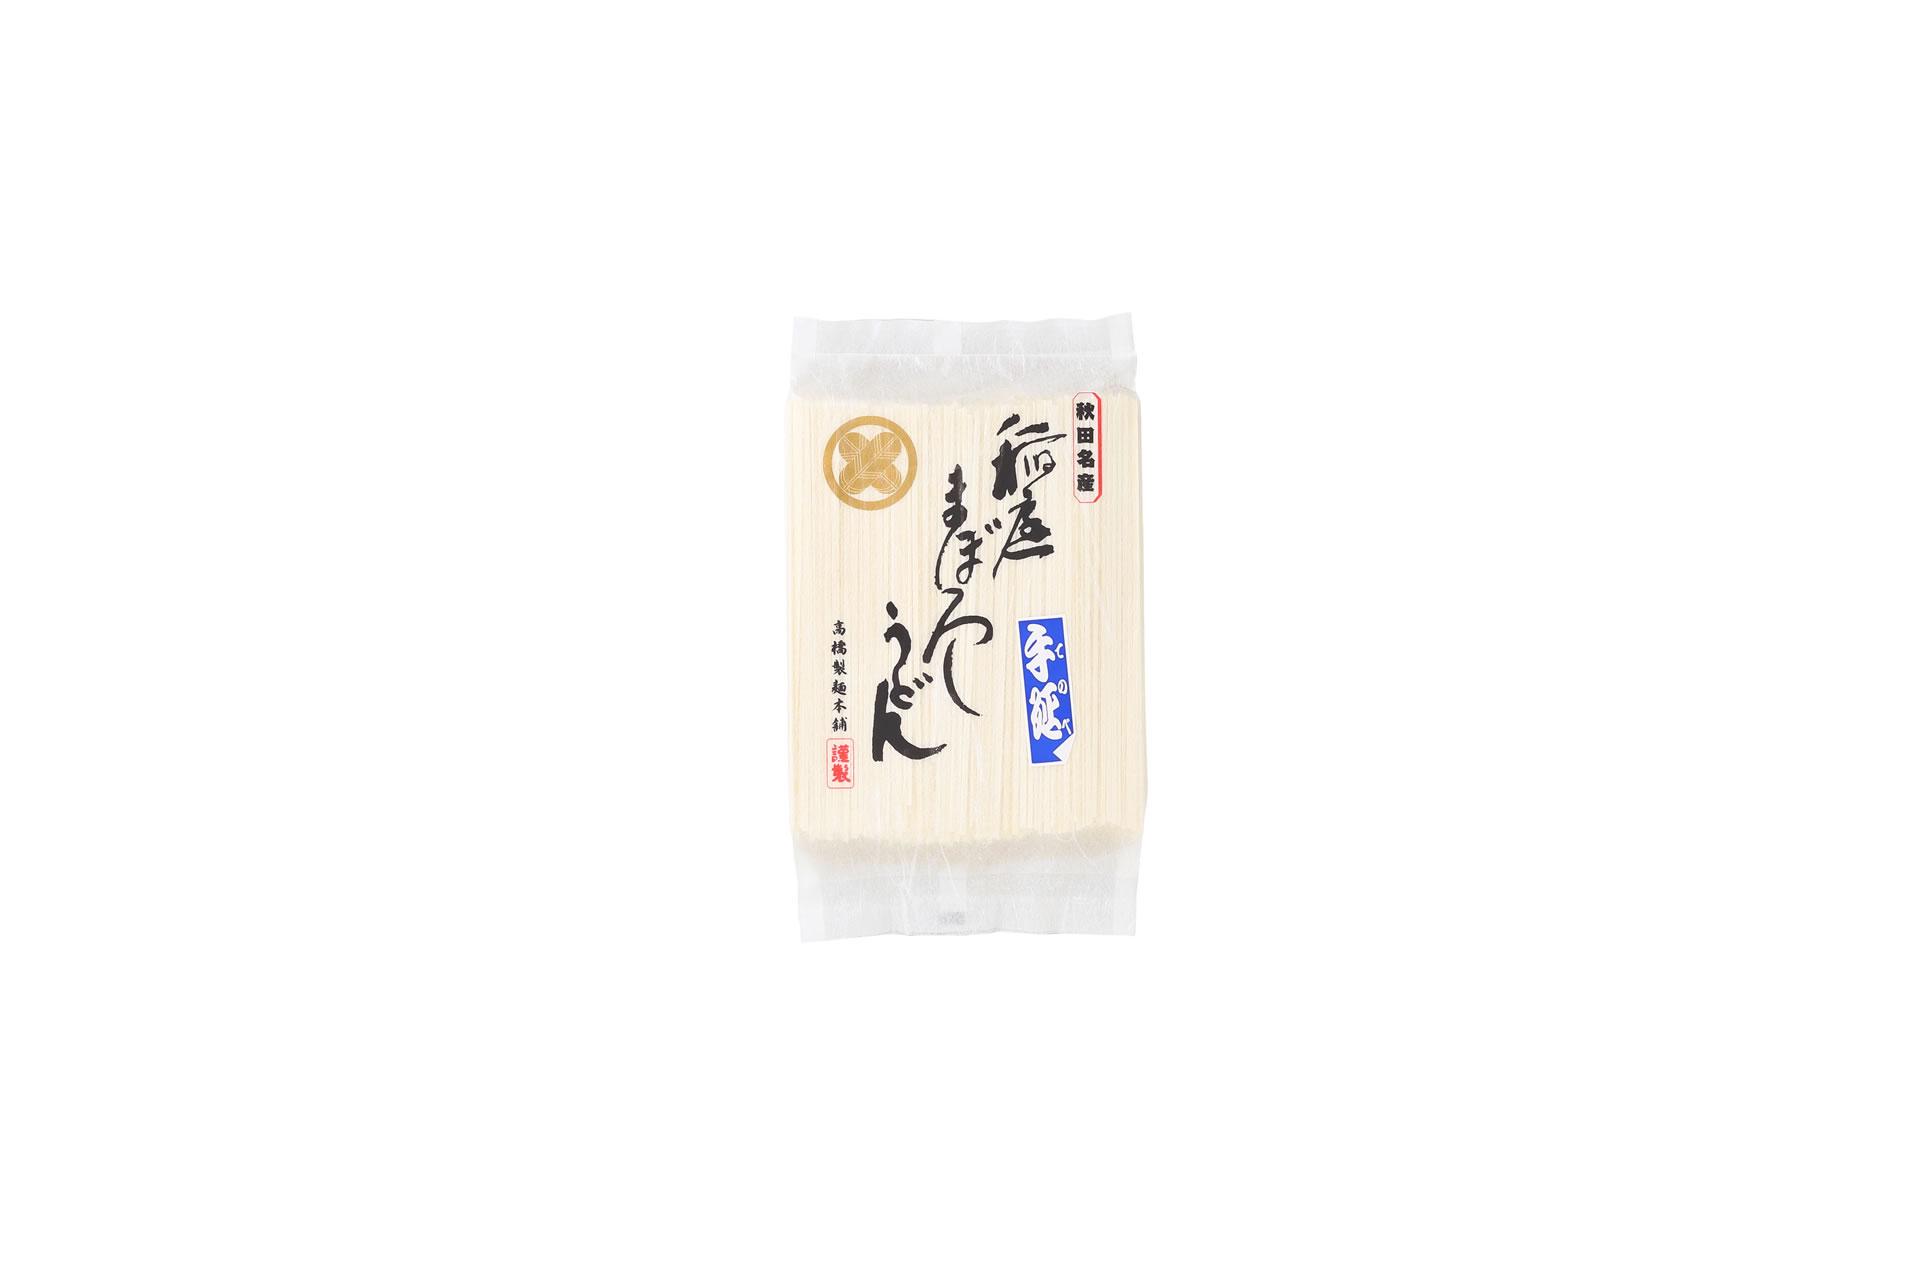 短麺500g入り (4~5人分)